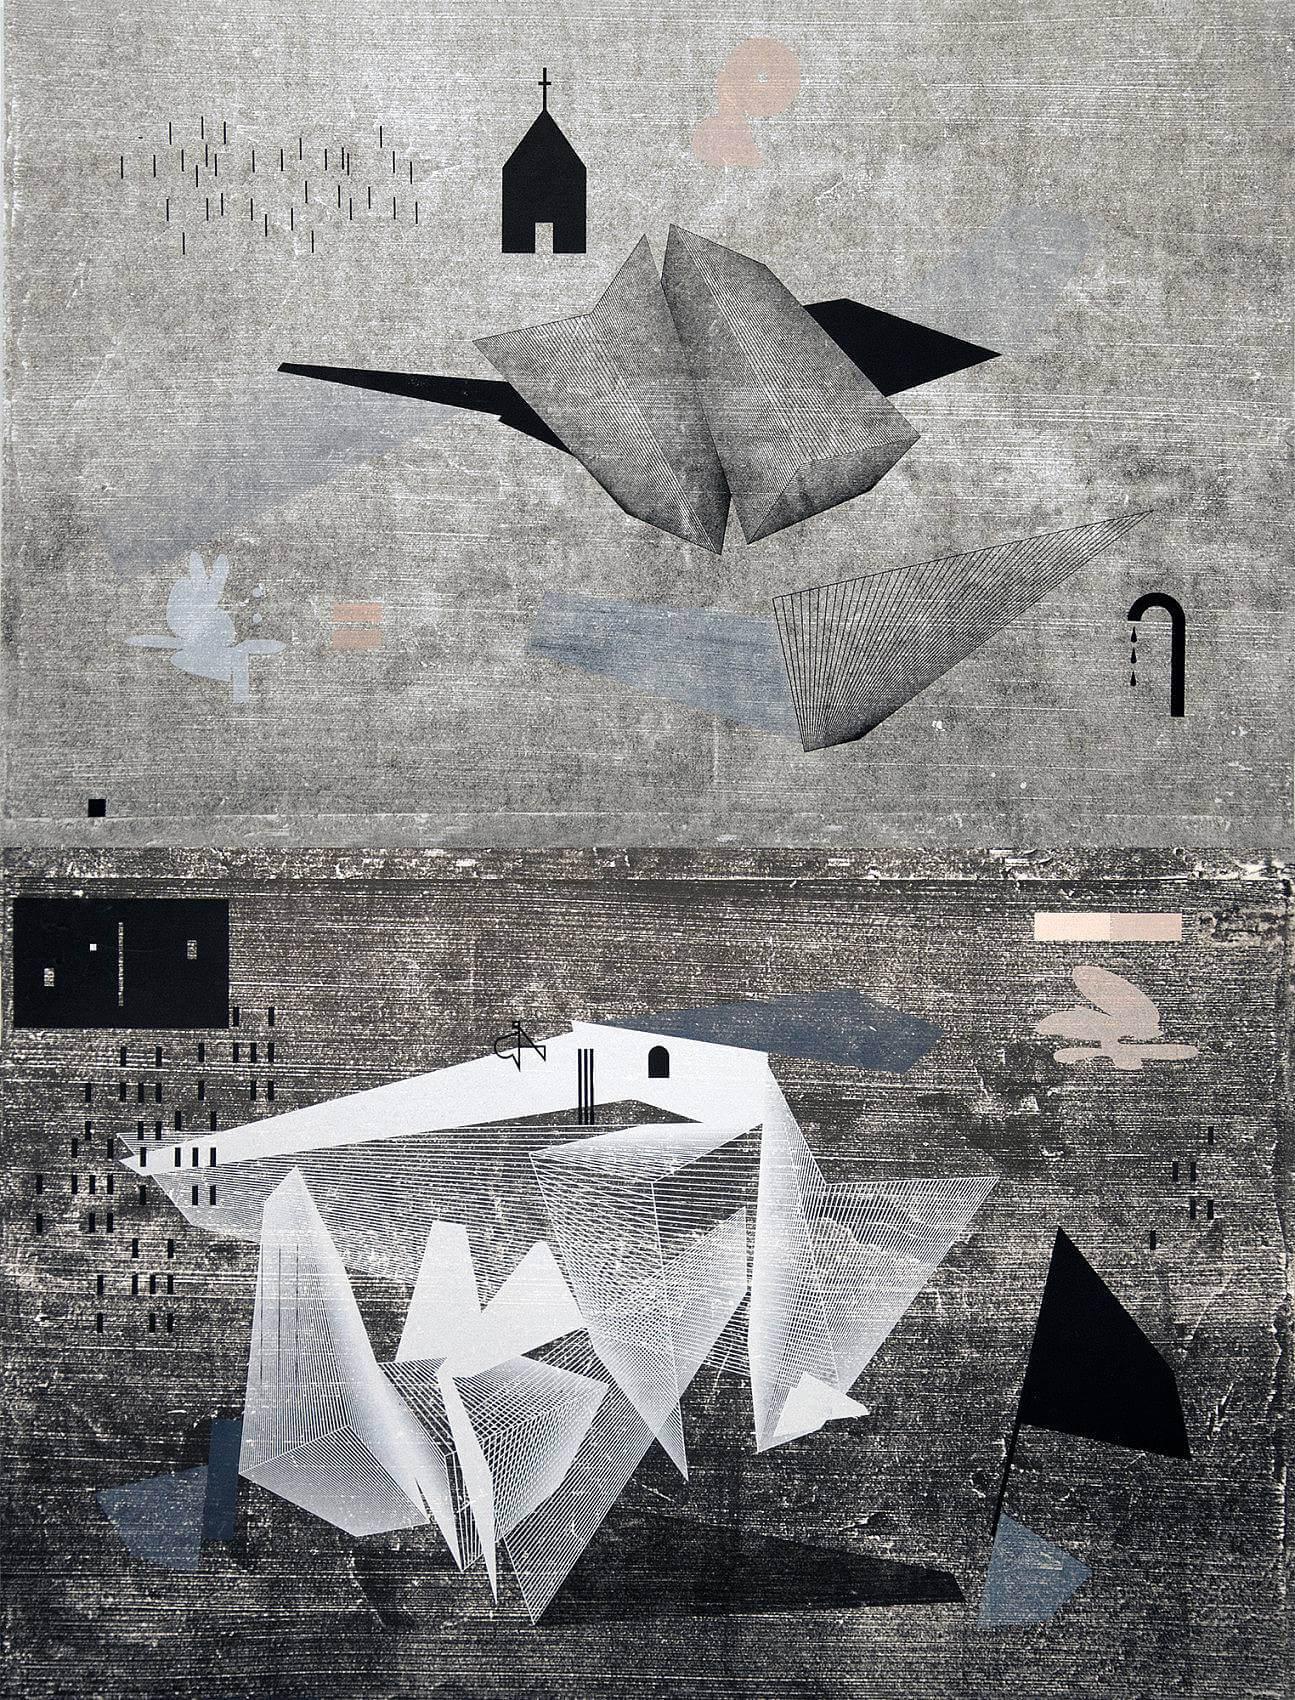 Stillwater Split (Diptych), 2015